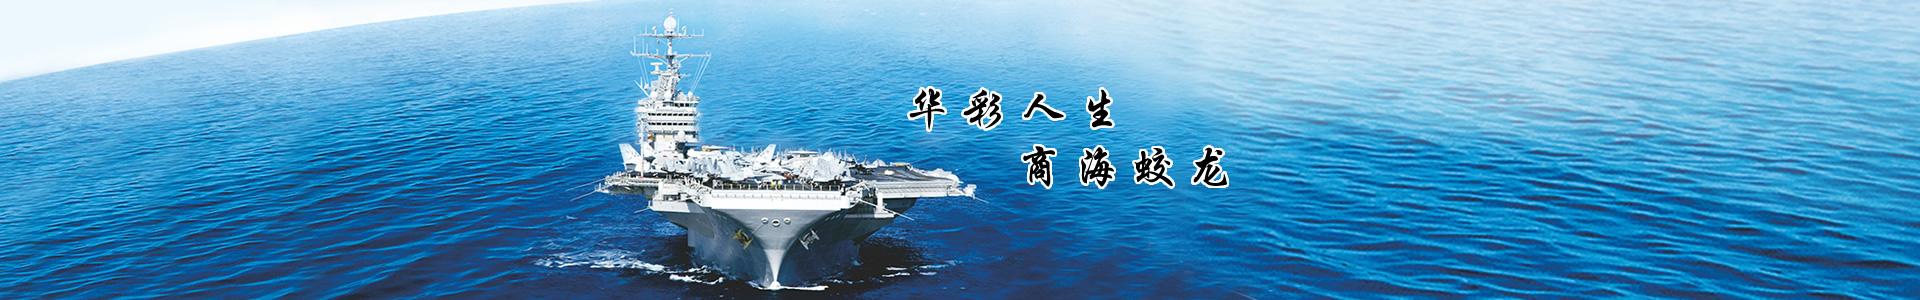 乐8娱�zhi锹郊�团:华彩人sheng 商haijiaolong